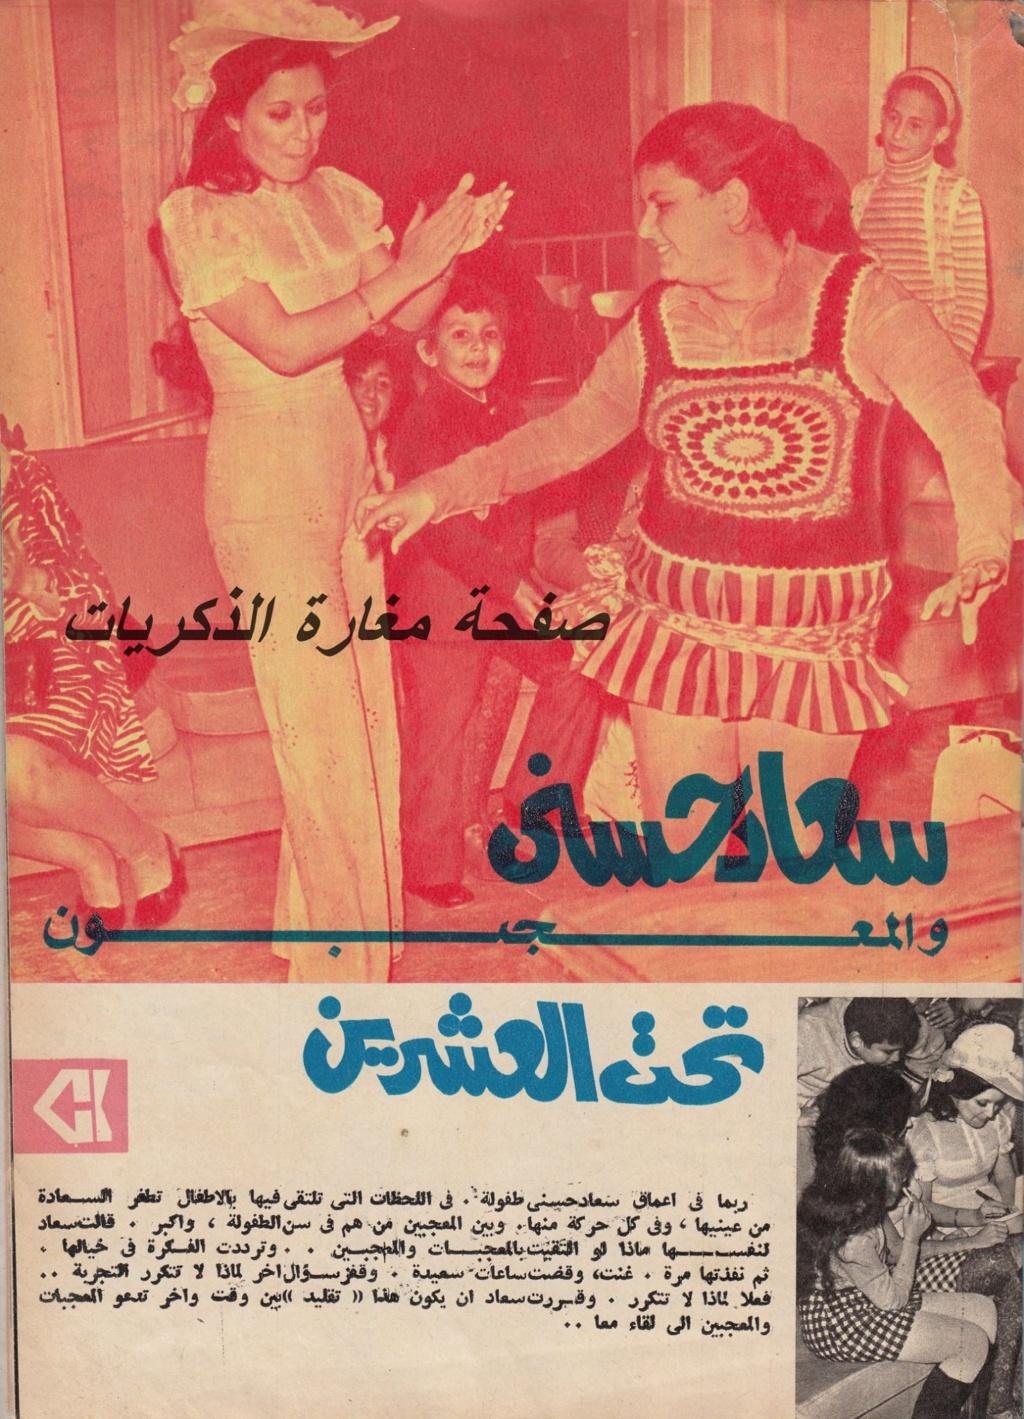 خبر صحفي : سعاد حسني والمعجبون تحت العشرين 1973 م 1278